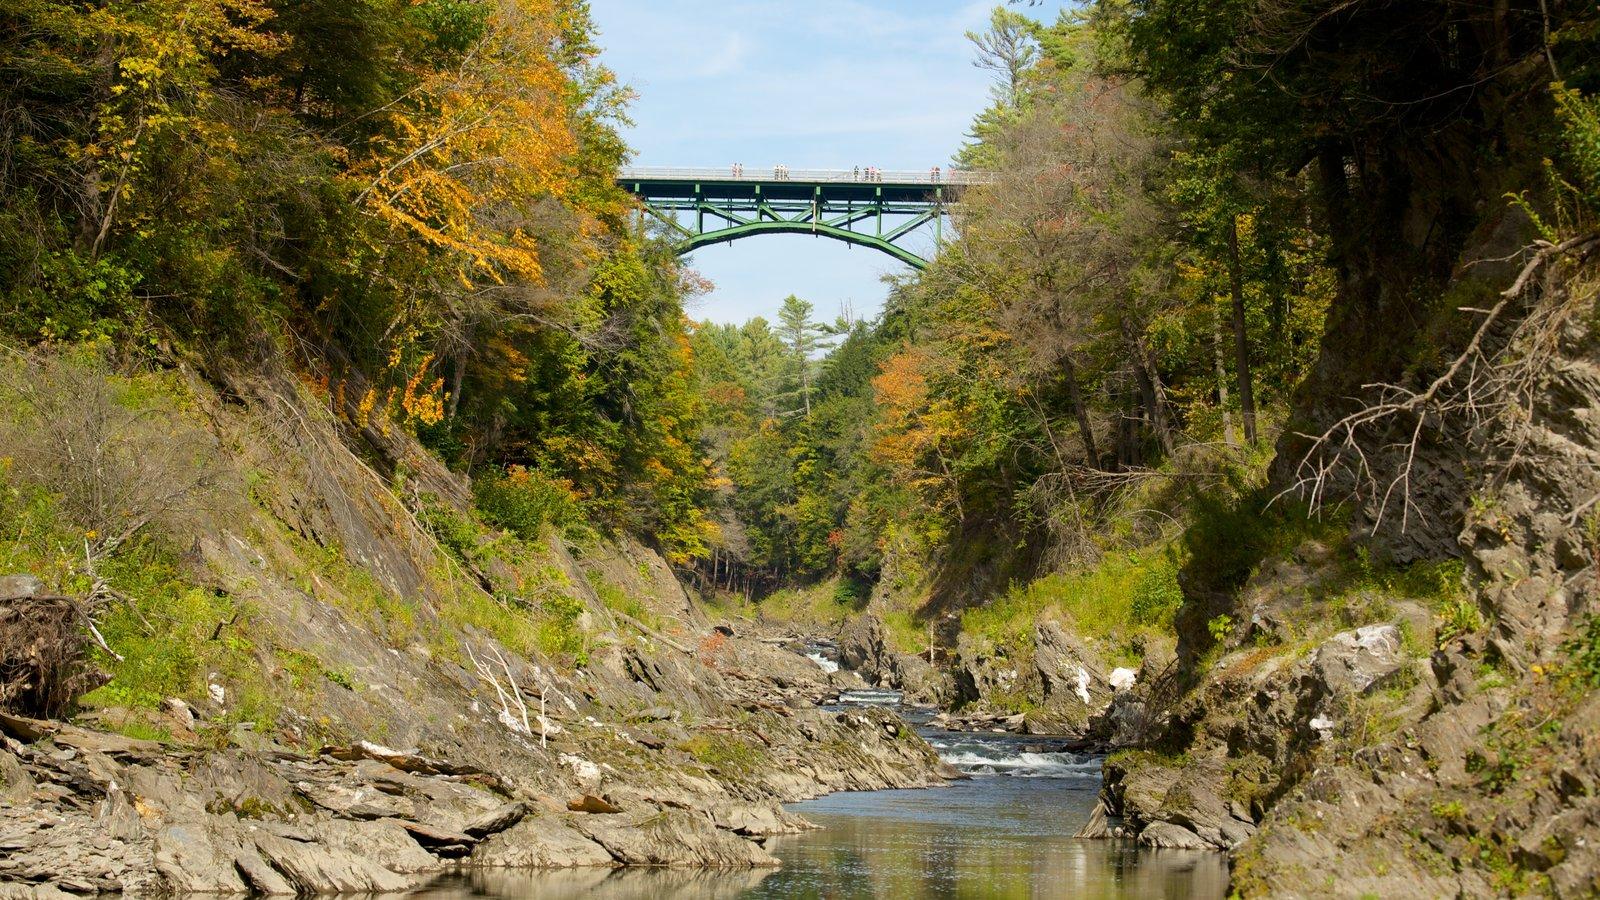 Quechee mostrando escenas tranquilas, un río o arroyo y escenas forestales